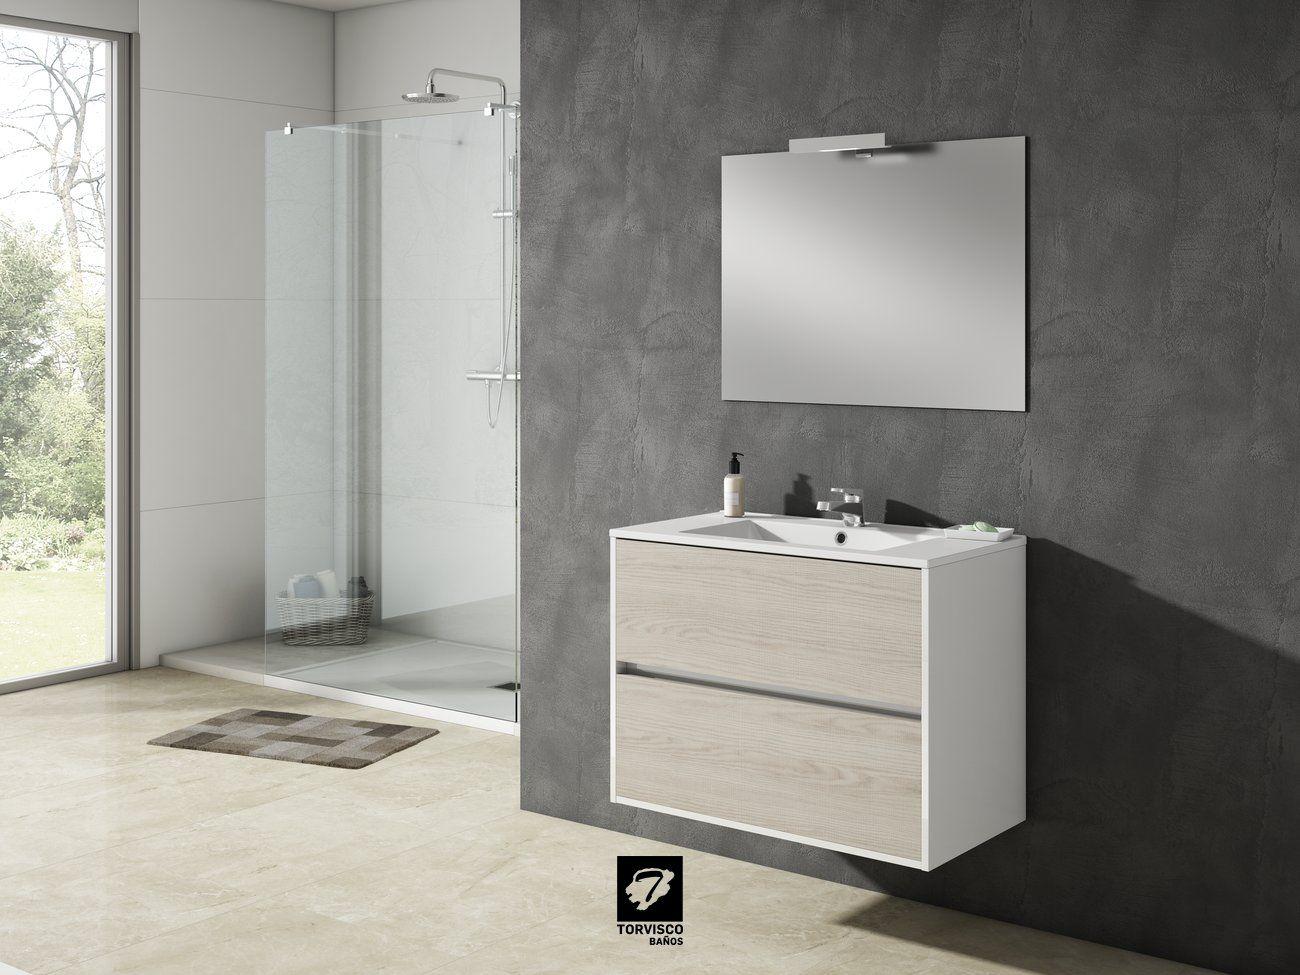 Mueble de baño modelo TAIGA. 80cm de ancho y 45cm de fondo. Dos cajones, suspendido. Espejo Odín, encimera Extrafina y foco X.